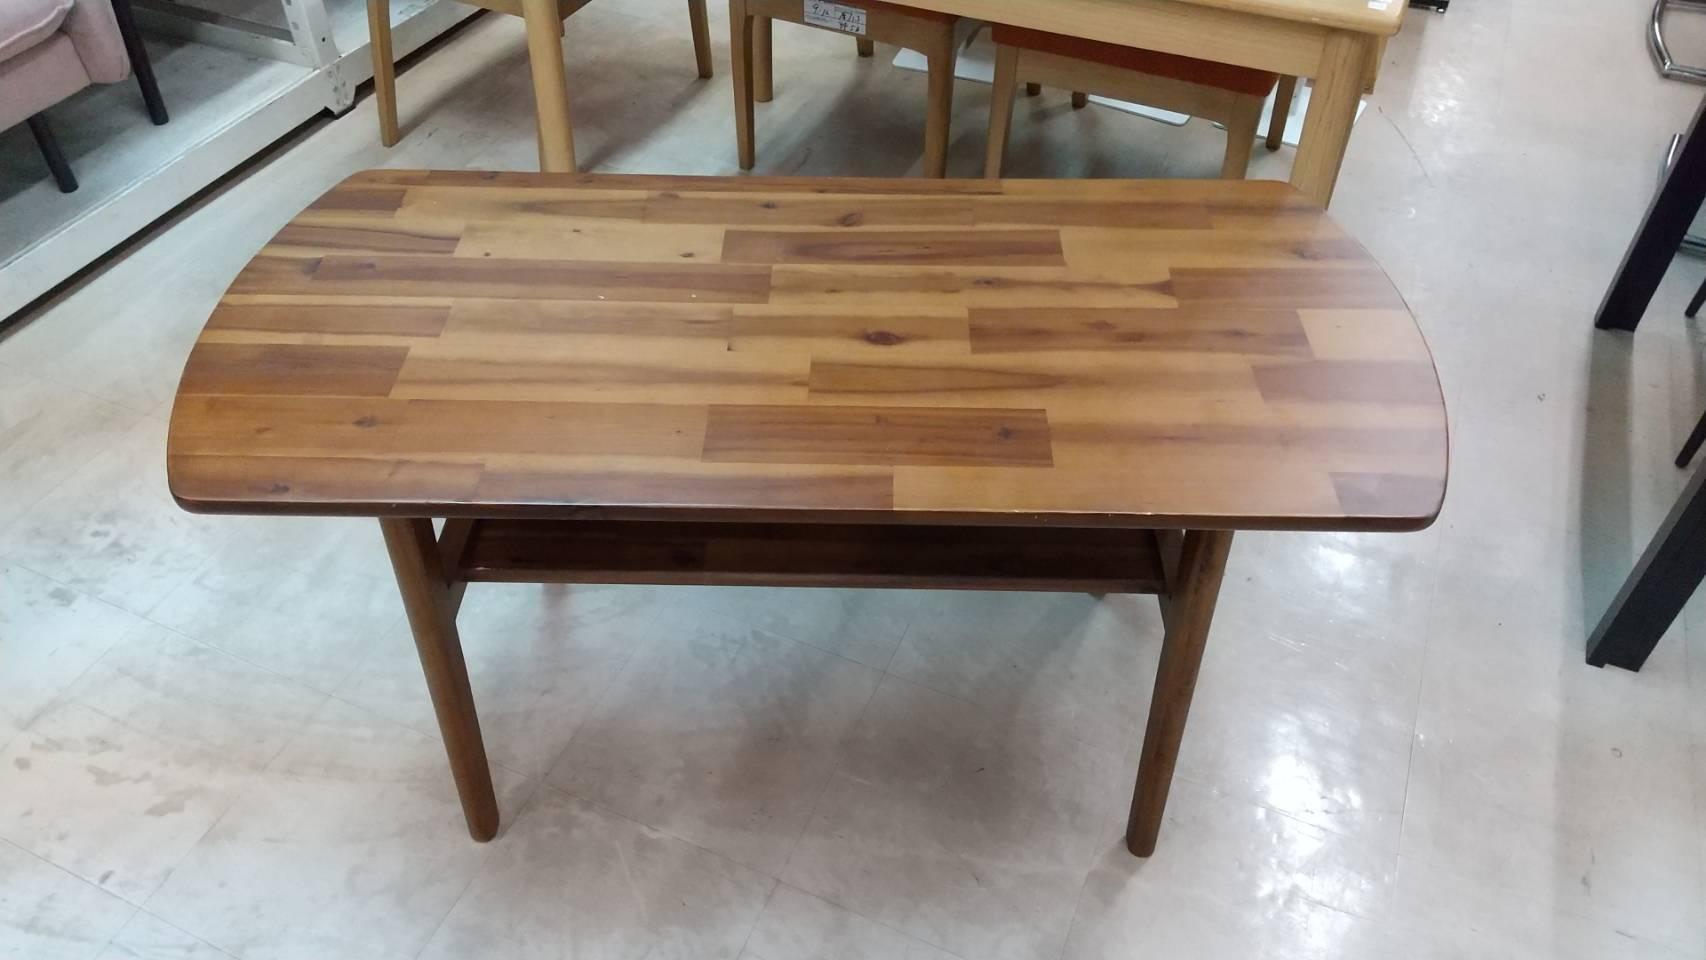 【UNICO(ウニコ)SWELLA(スウェラ) カフェテーブル W1100】を買取致しました!!の買取-